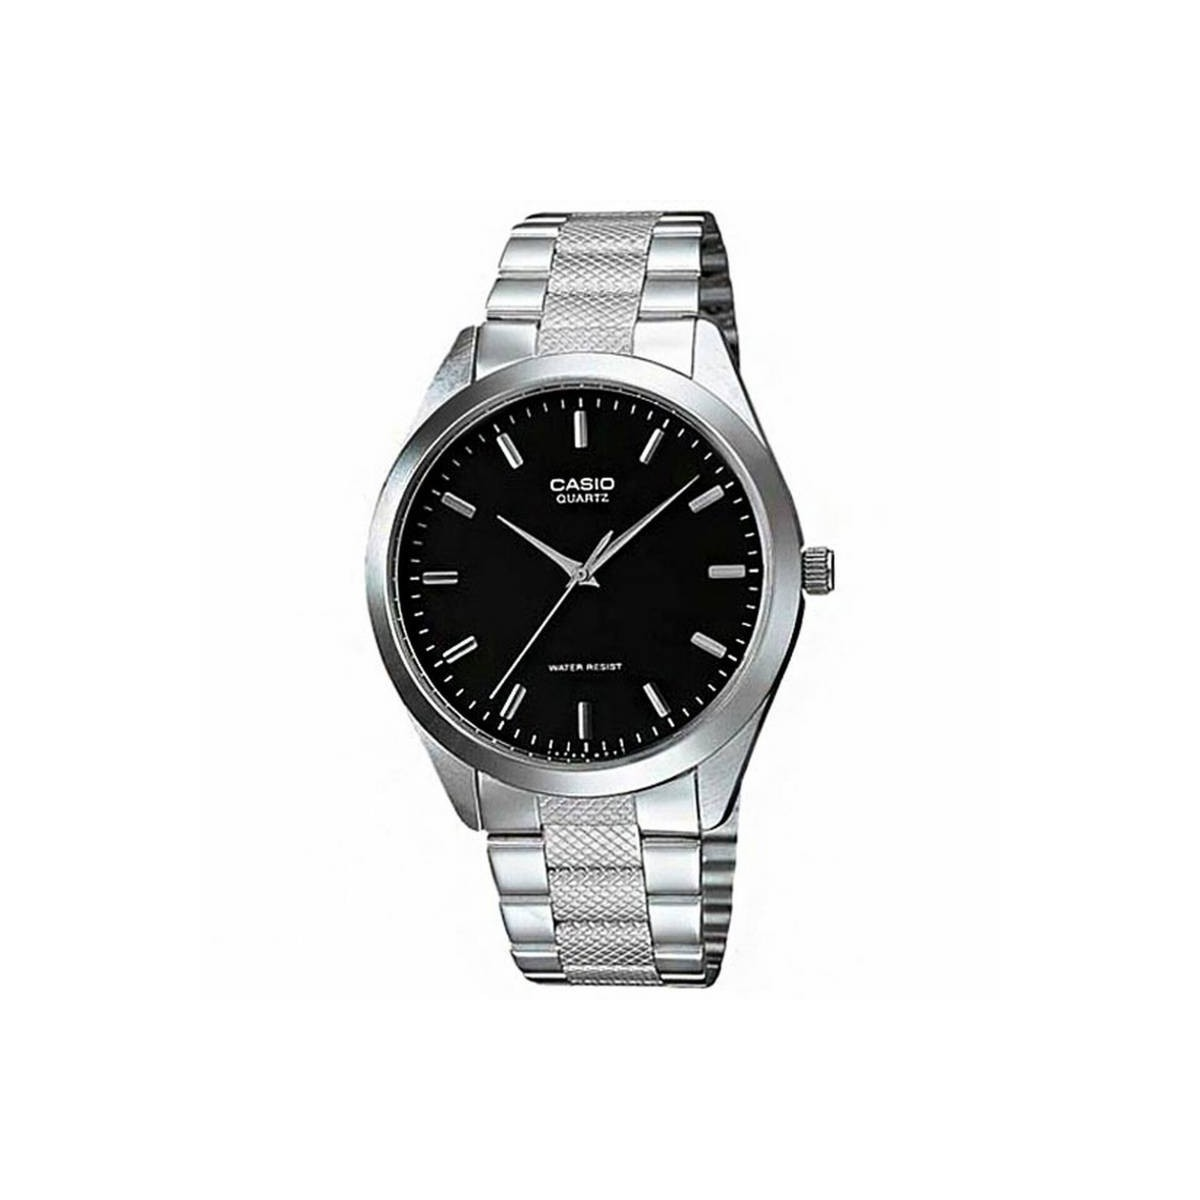 https://www.gaberjoyeria.com/5724-thickbox_default/reloj-casio.jpg